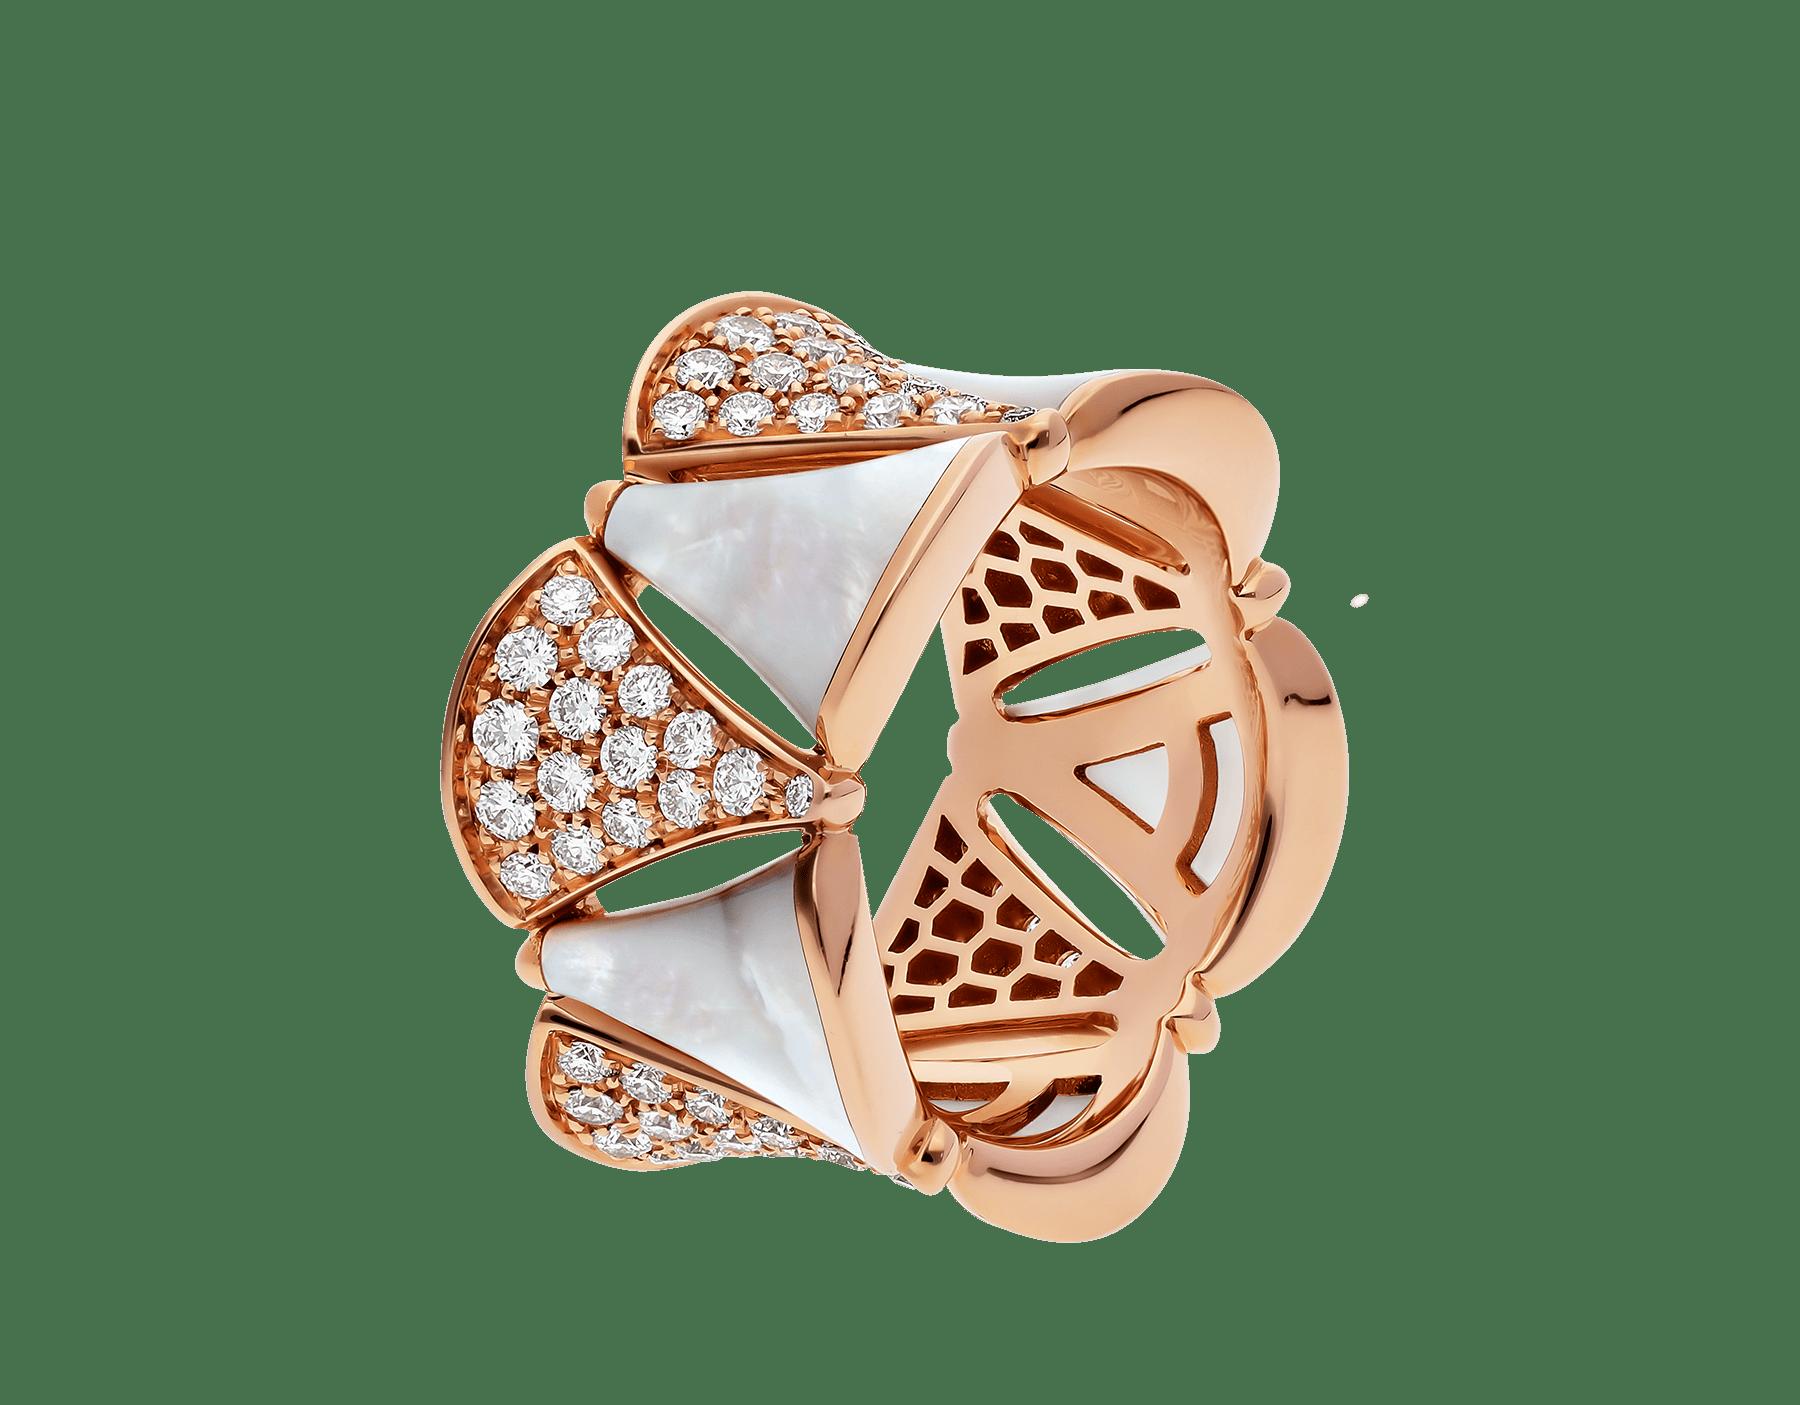 Composée de nacre à l'éclat éthéré et de diamants étincelants, la bague DIVAS' DREAM habille le doigt en rendant hommage à la pureté de la beauté féminine. AN856775 image 1